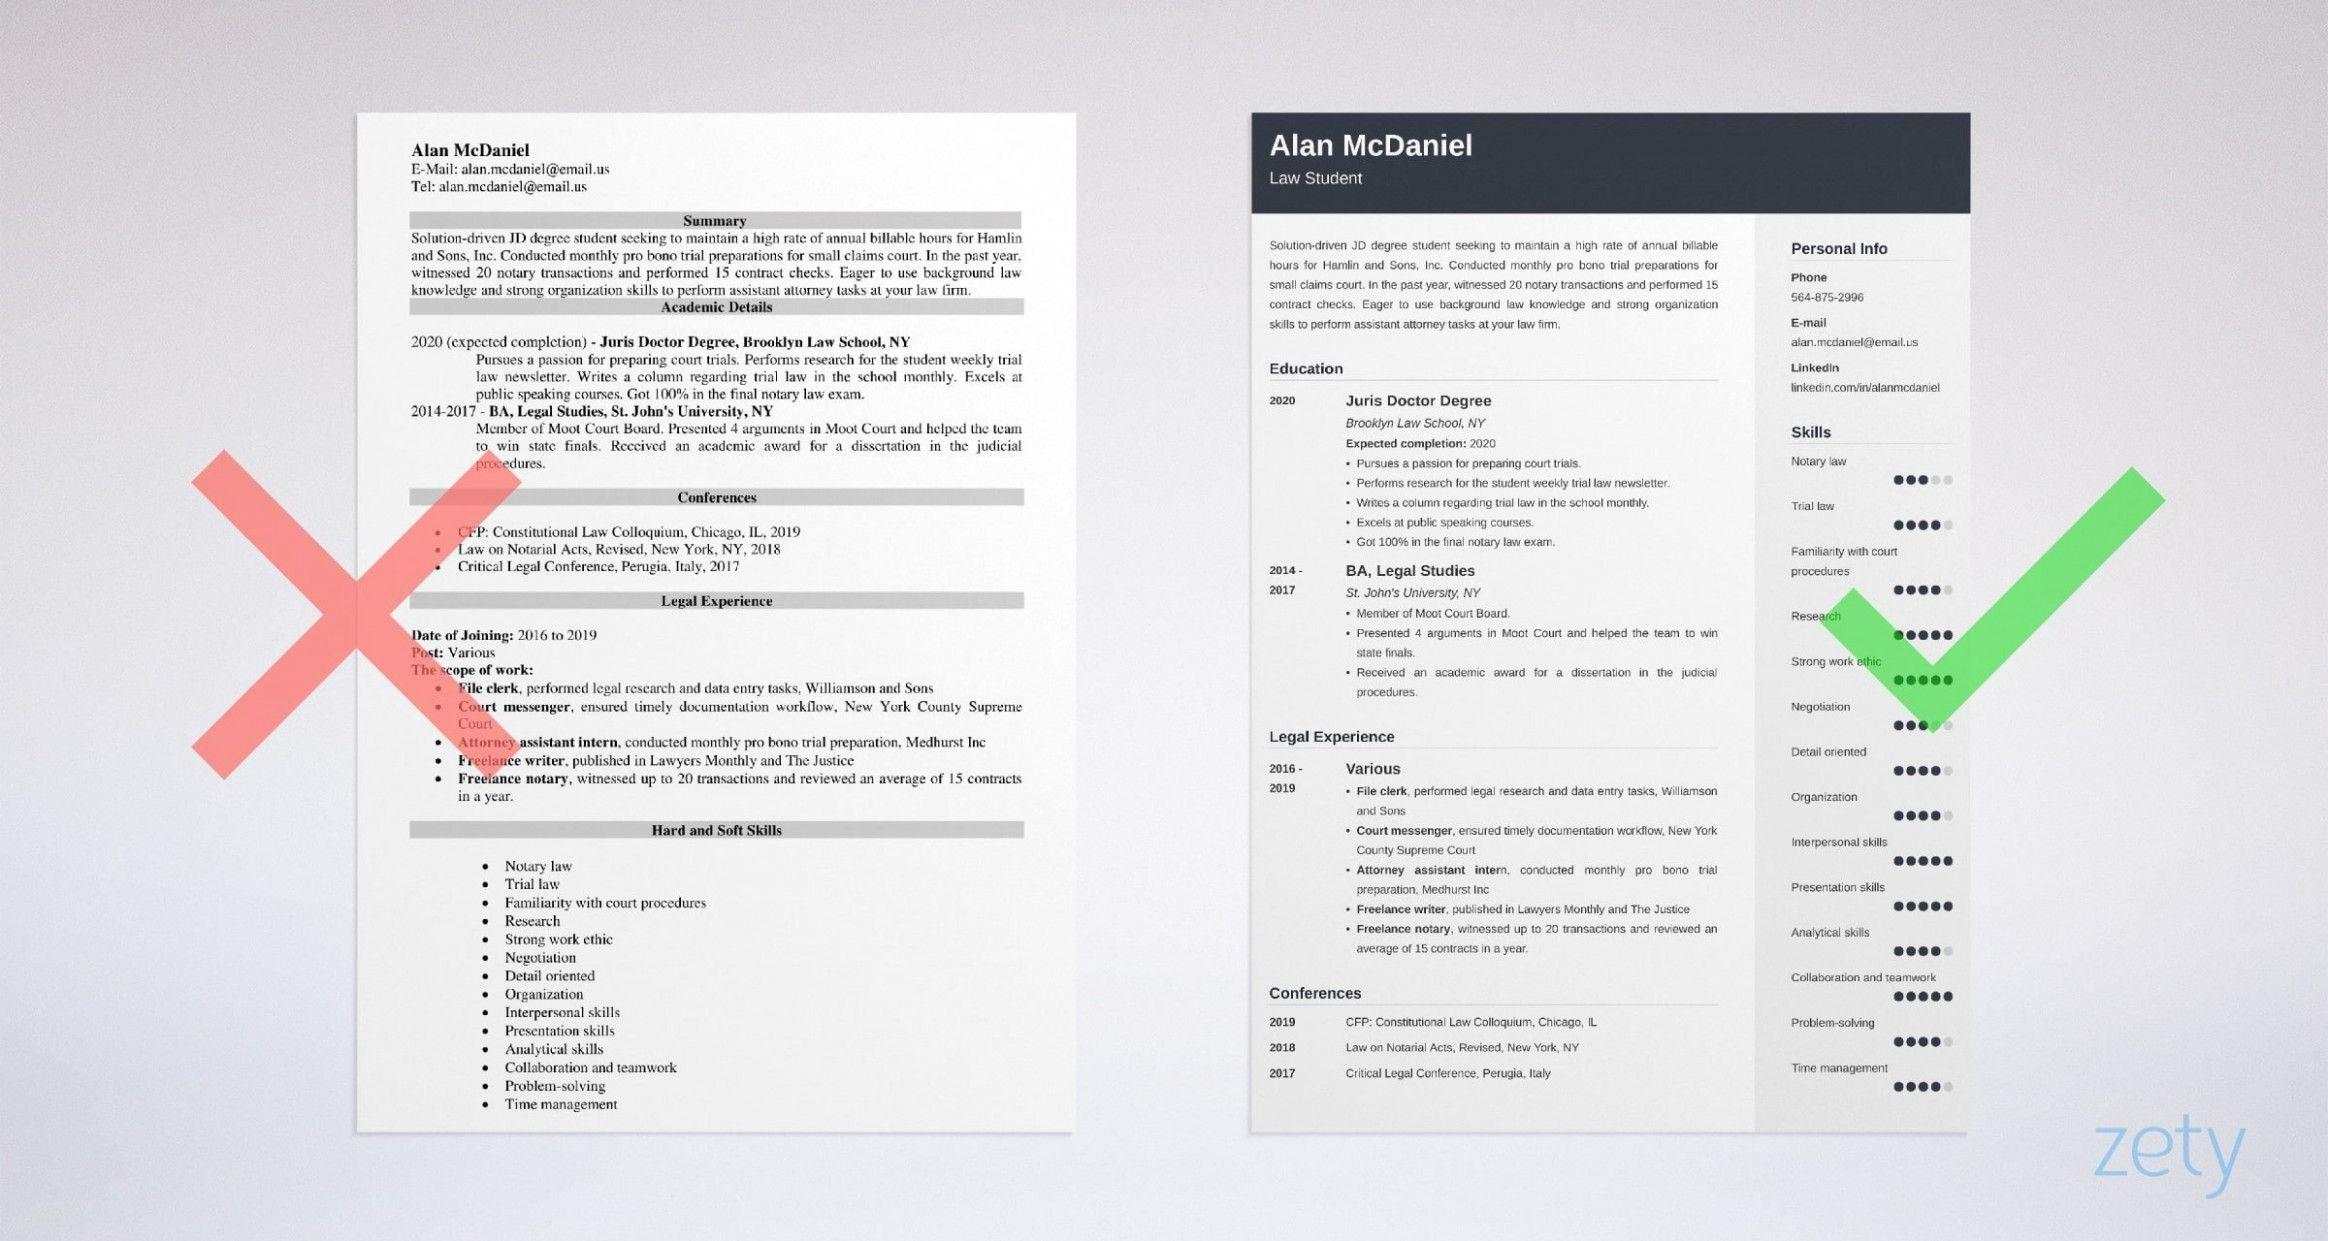 15 resume format for legislation college students 15